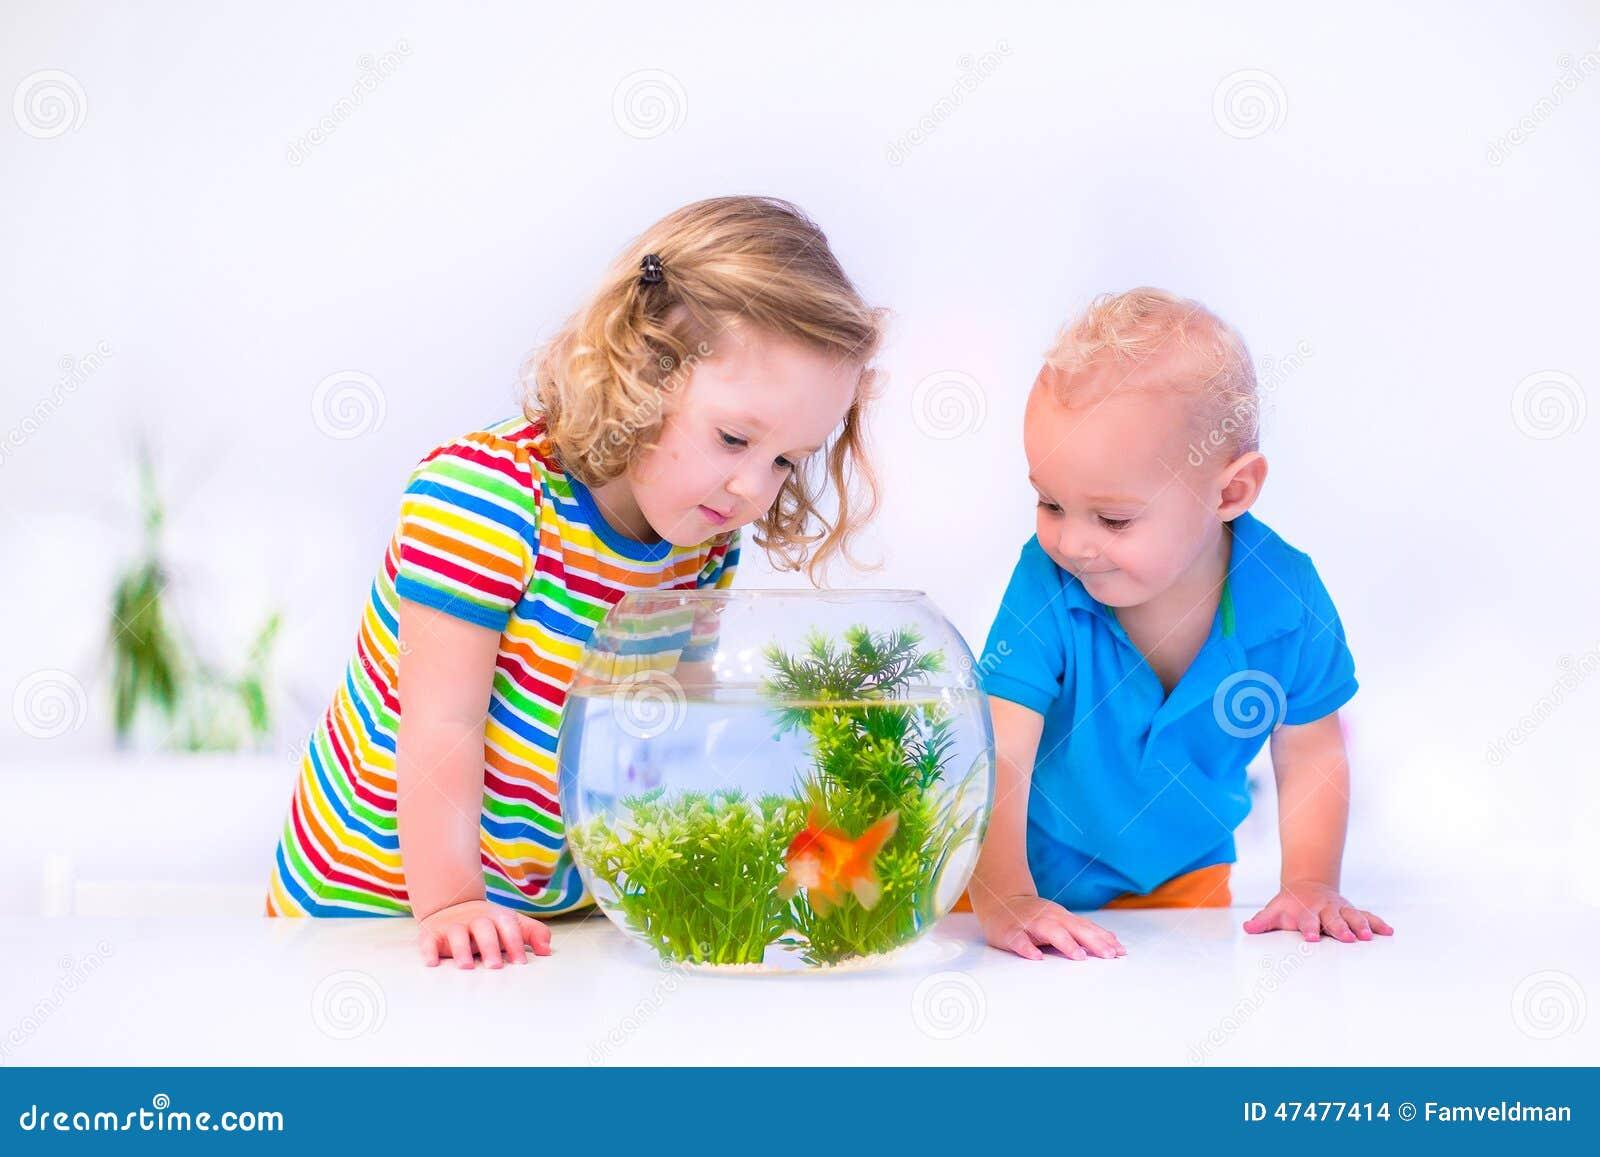 Kids watching fish bowl stock photo image 47477414 for Toddler fish tank